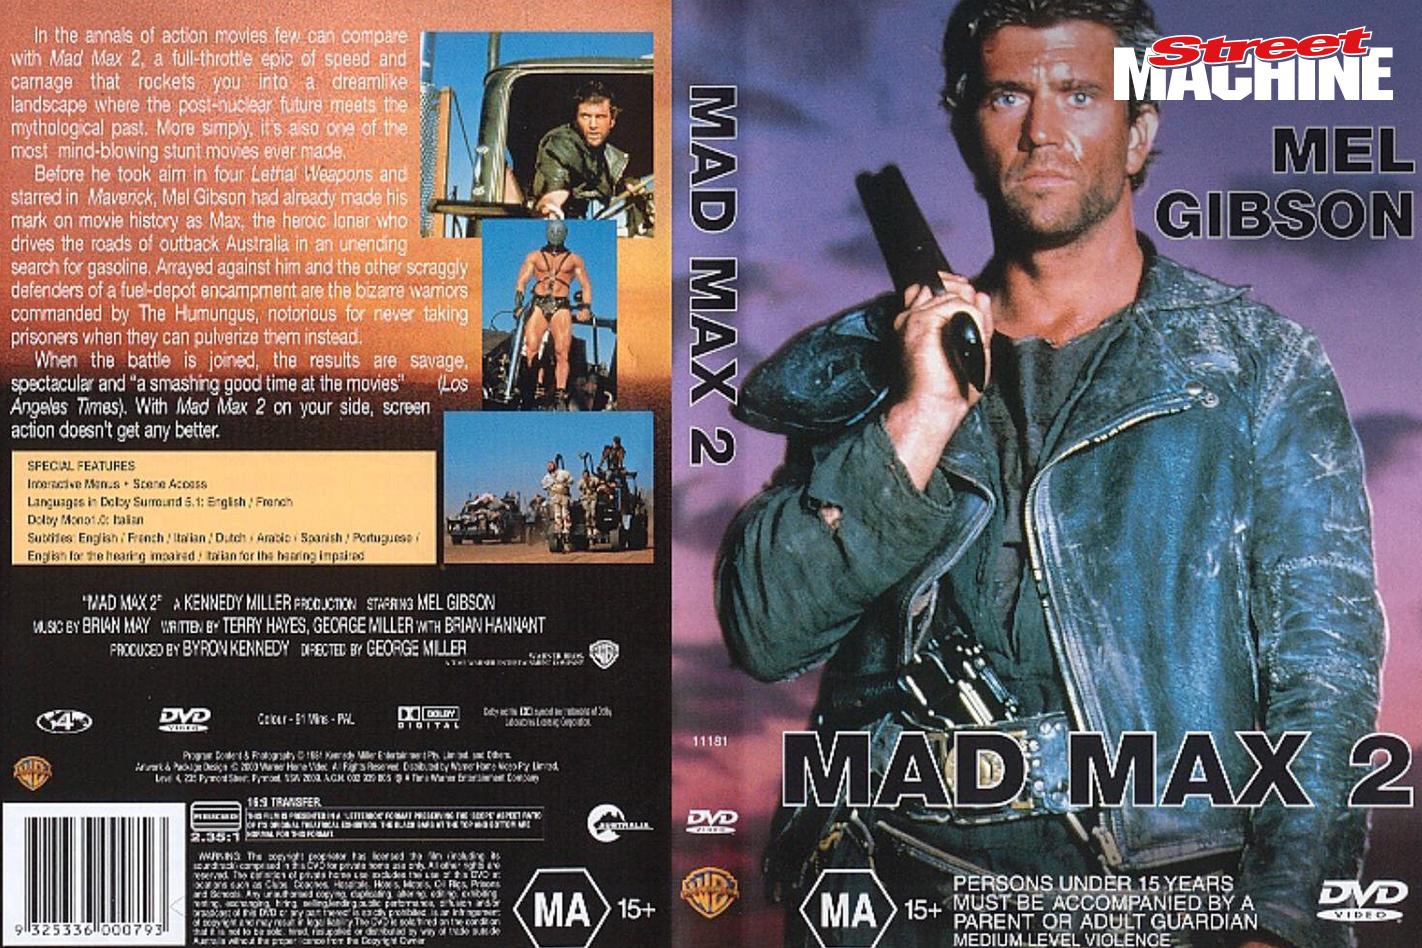 Mad Max 2 6